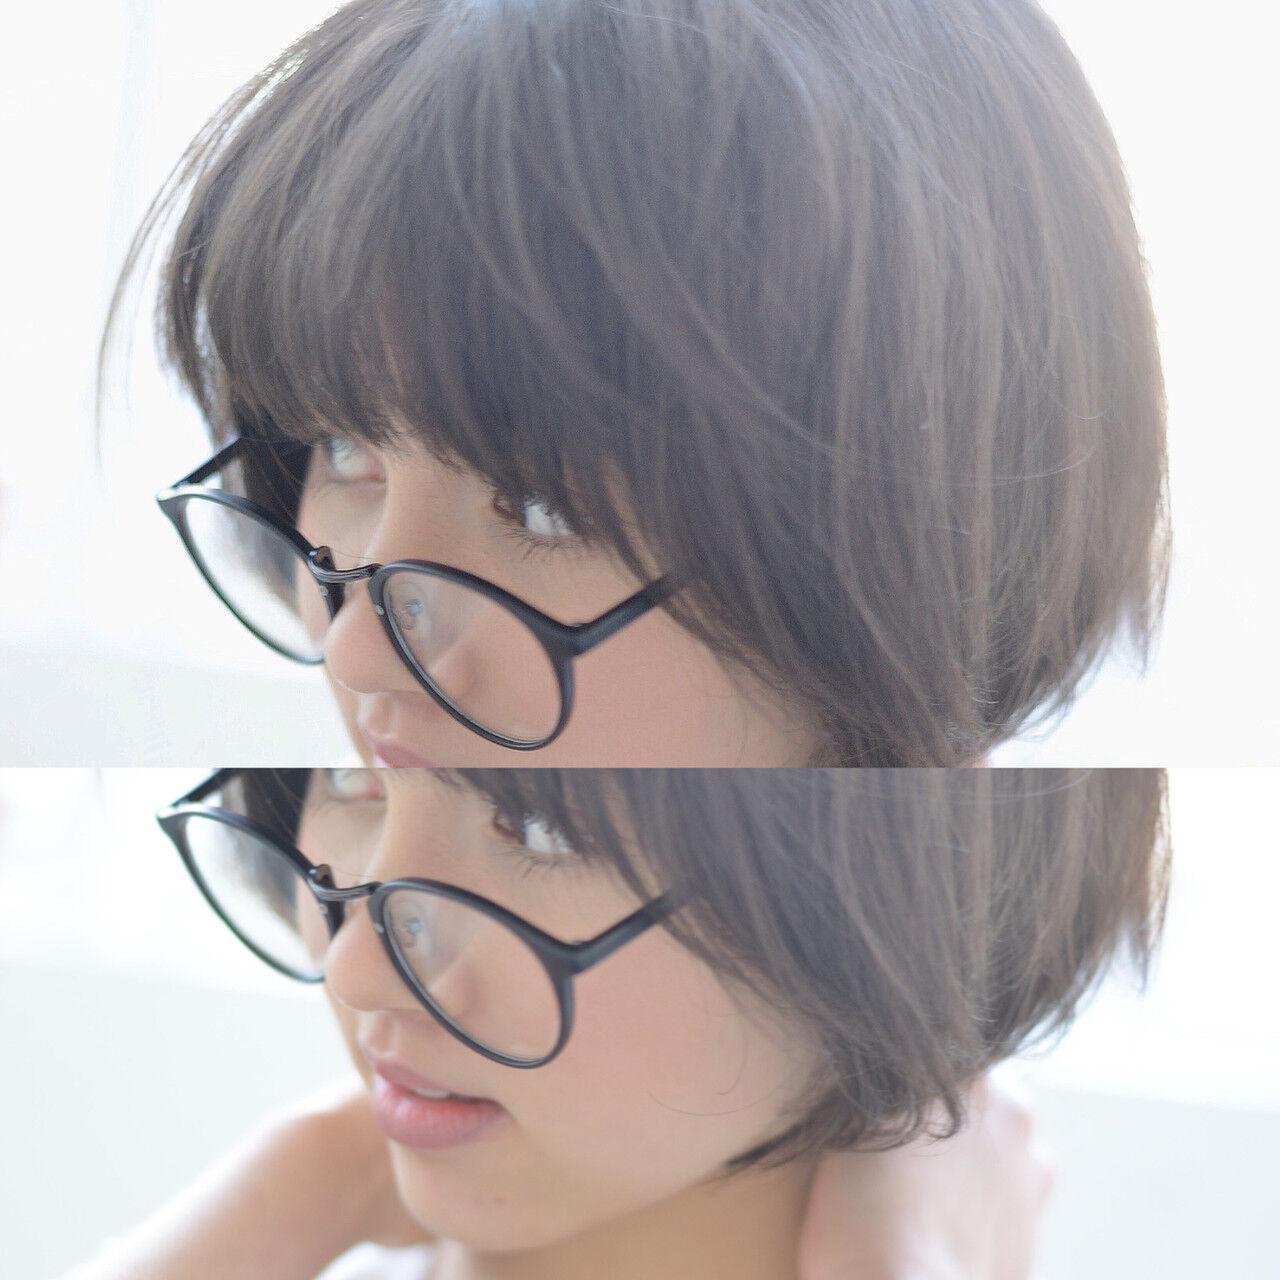 大人ショート ナチュラル マッシュ ショートマッシュヘアスタイルや髪型の写真・画像